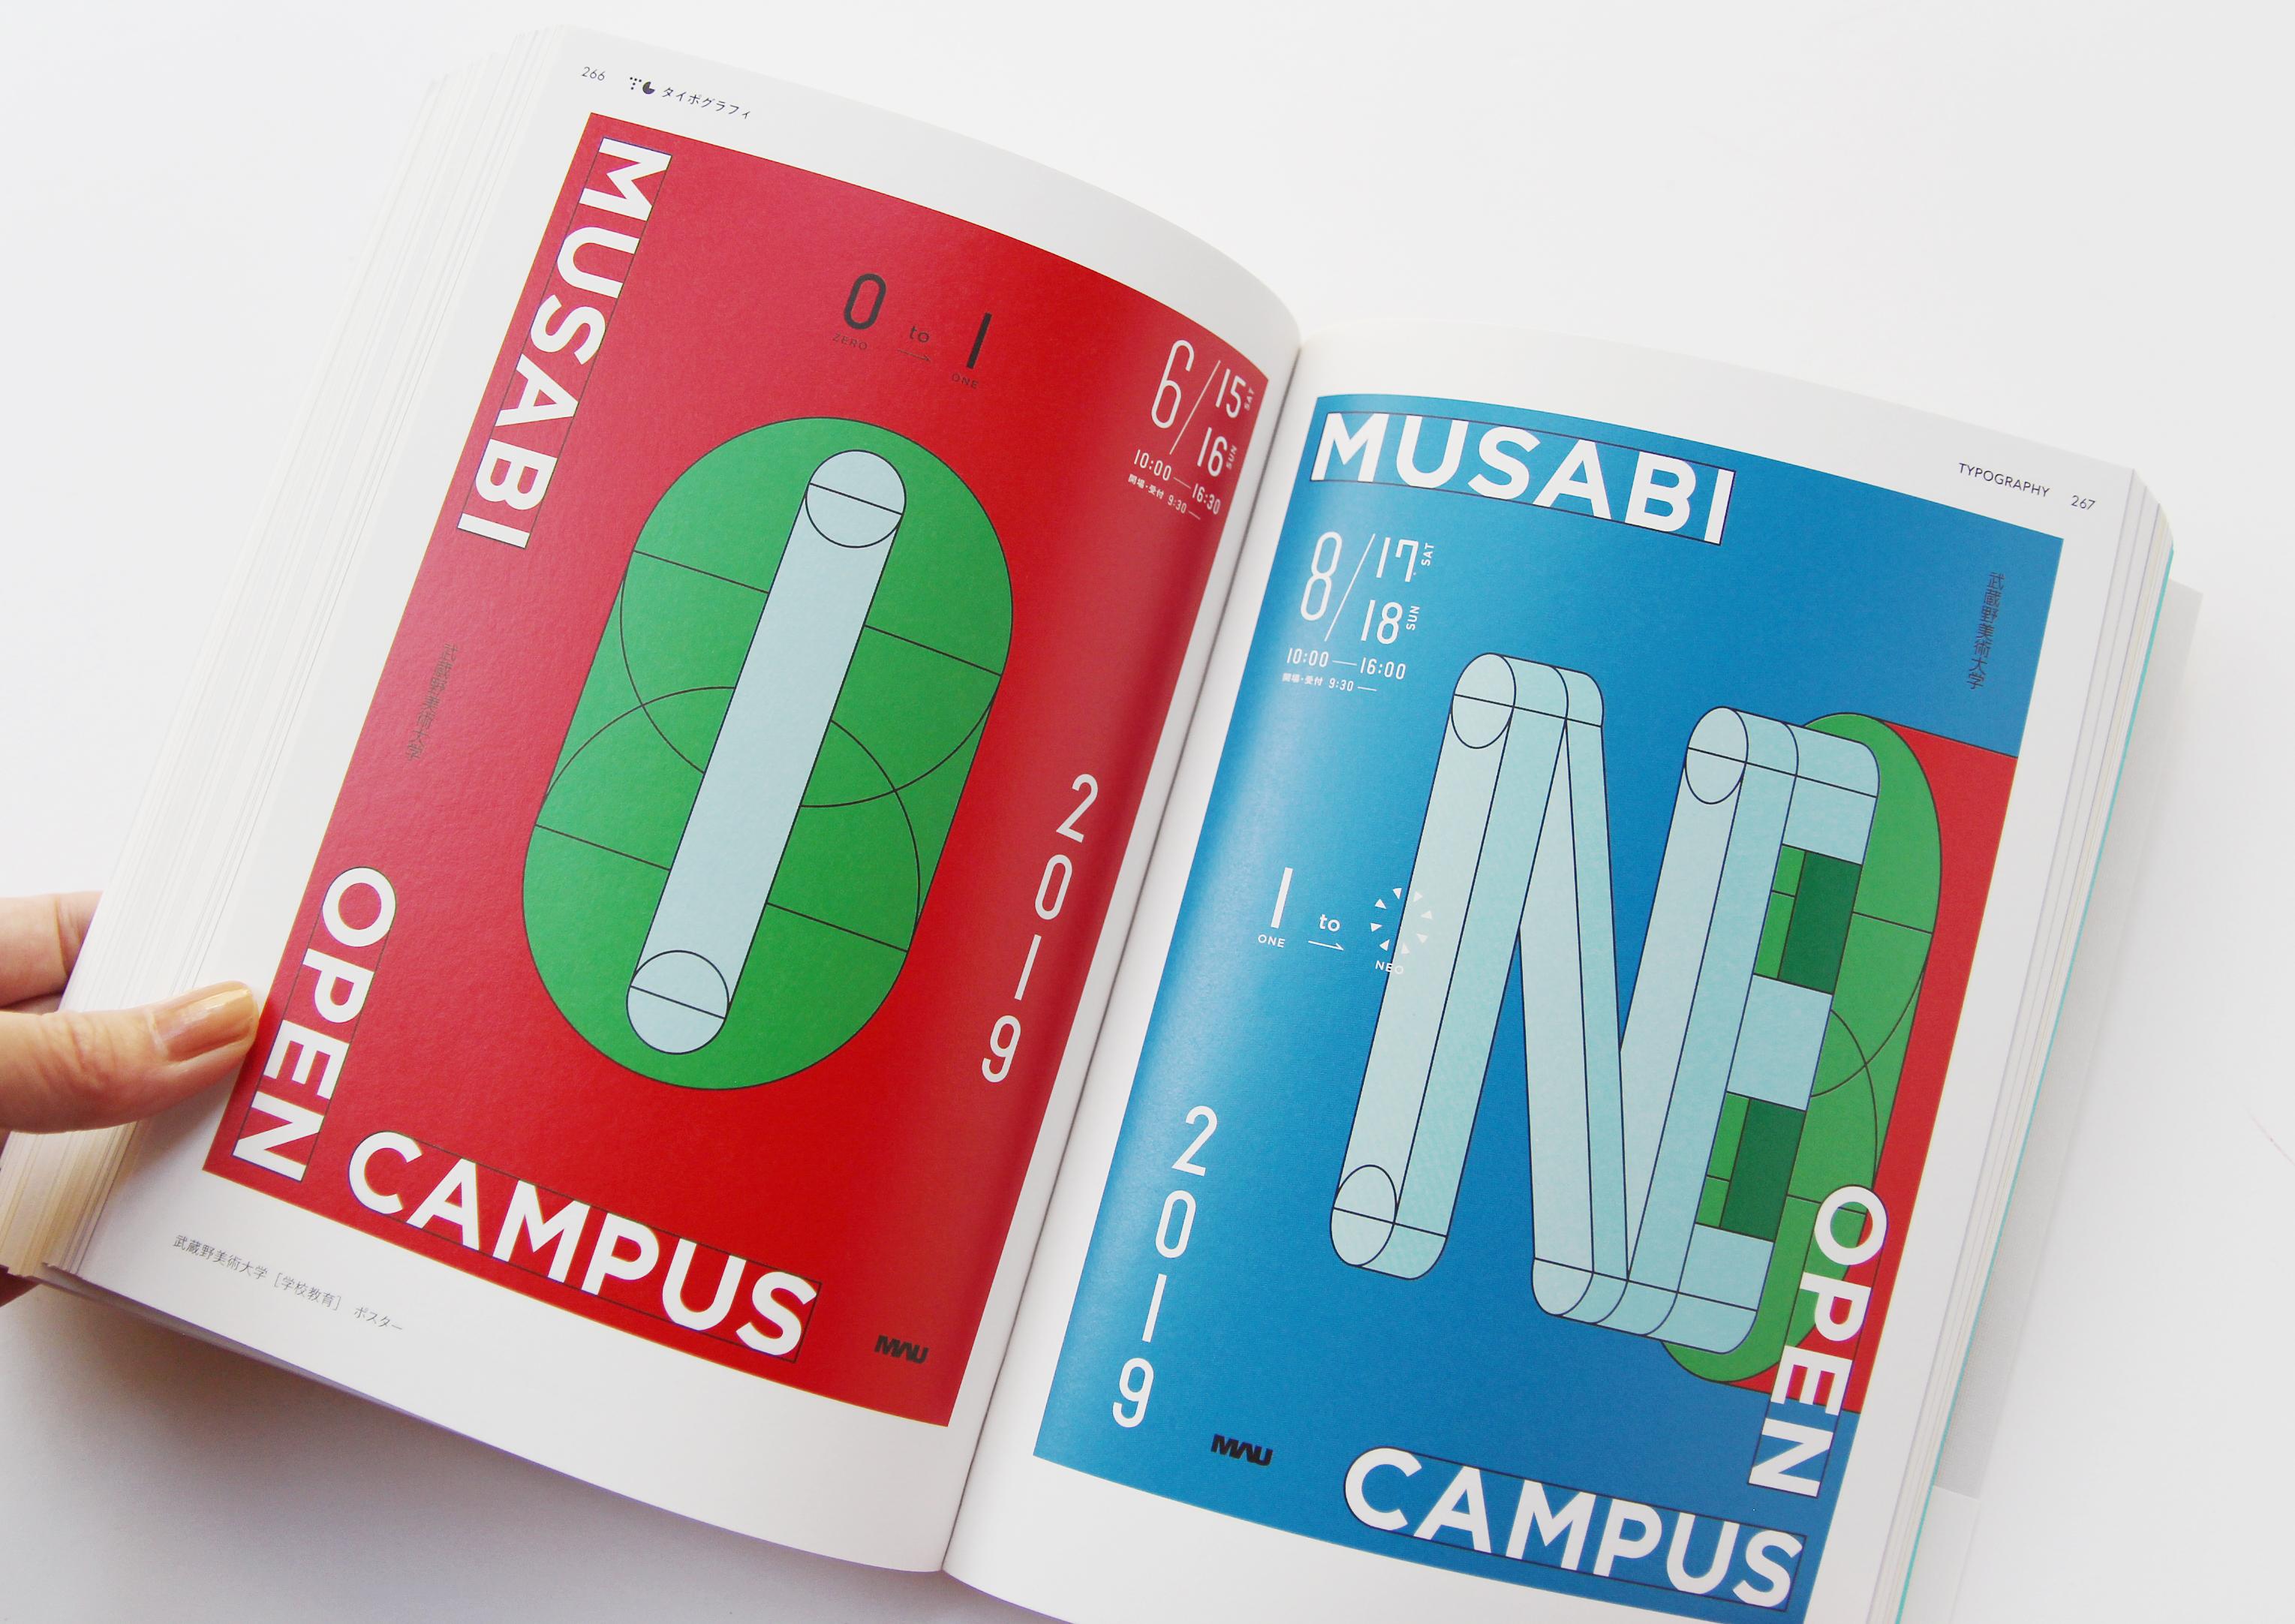 advertisingdesign_09